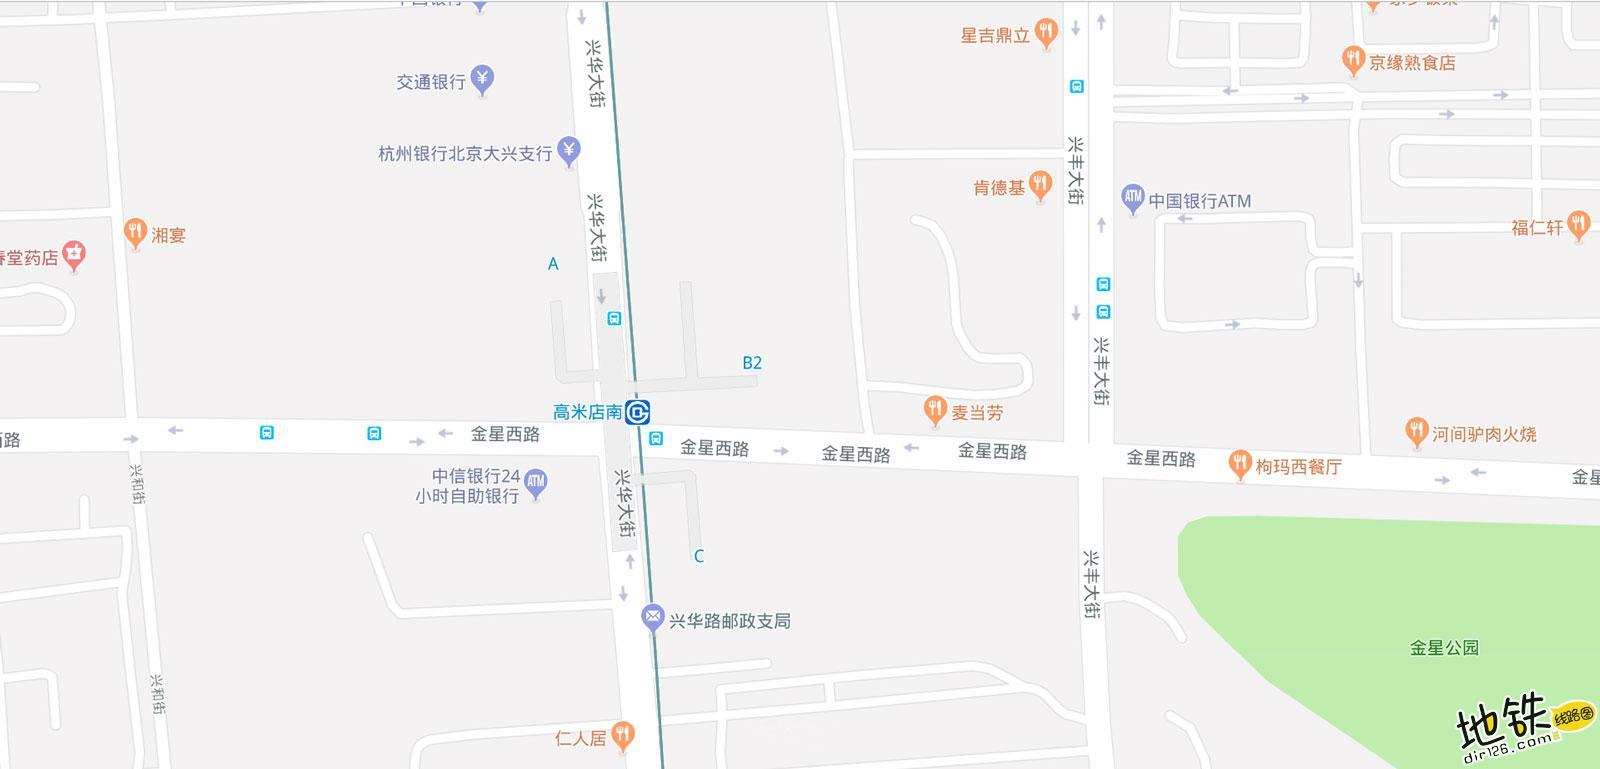 高米店南地铁站 北京地铁高米店南站出入口 地图信息查询  北京地铁站  第2张